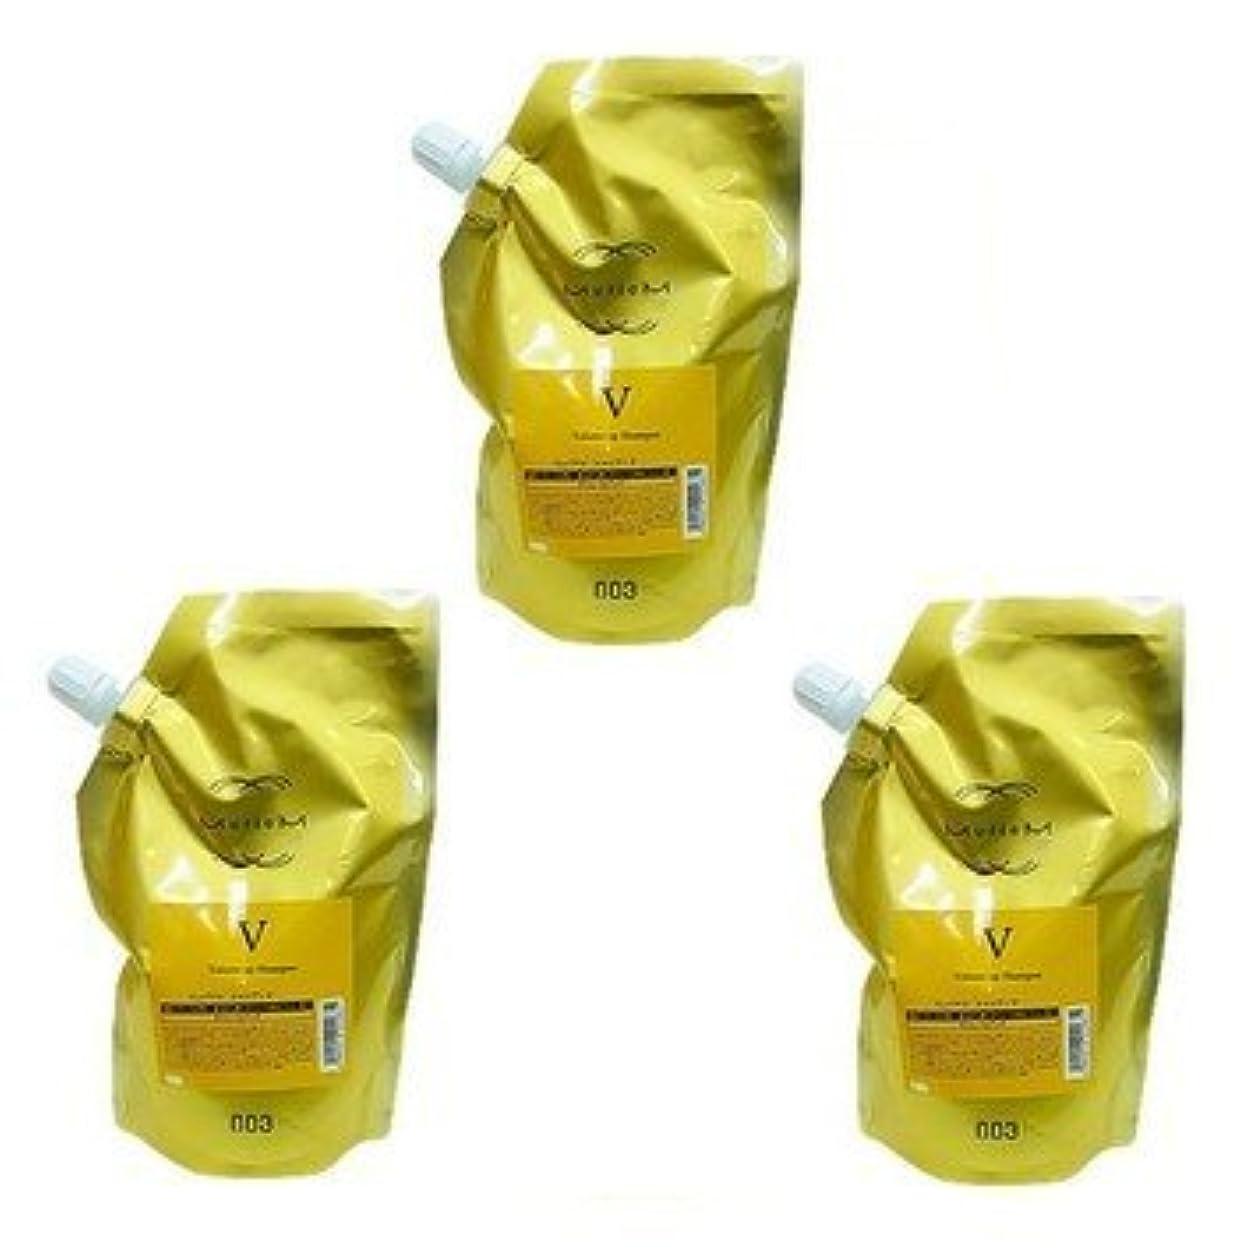 アスペクト七時半エクスタシー【X3個セット】 ナンバースリー ミュリアム ゴールド シャンプー V 500ml 詰替え用